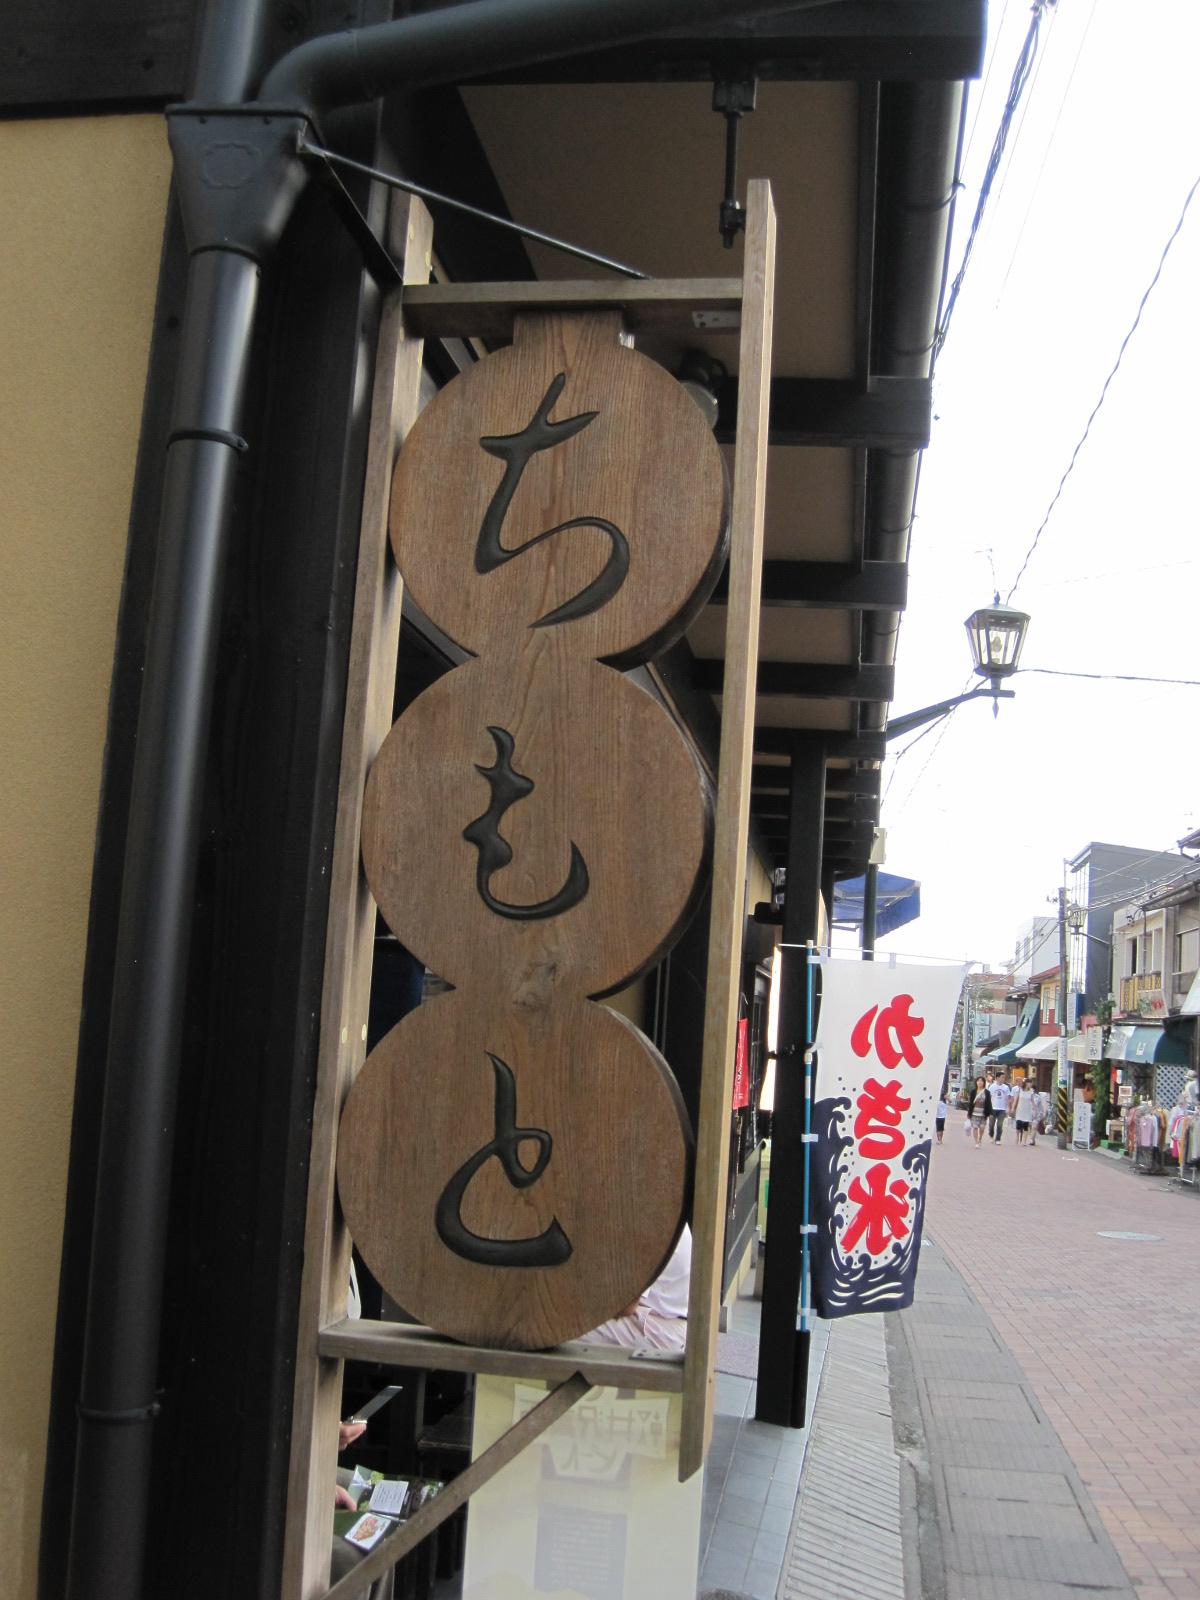 天然氷のかき氷・ちもと餅 @ちもと 総本店 ~ 軽井沢のかき氷_f0236260_12524056.jpg